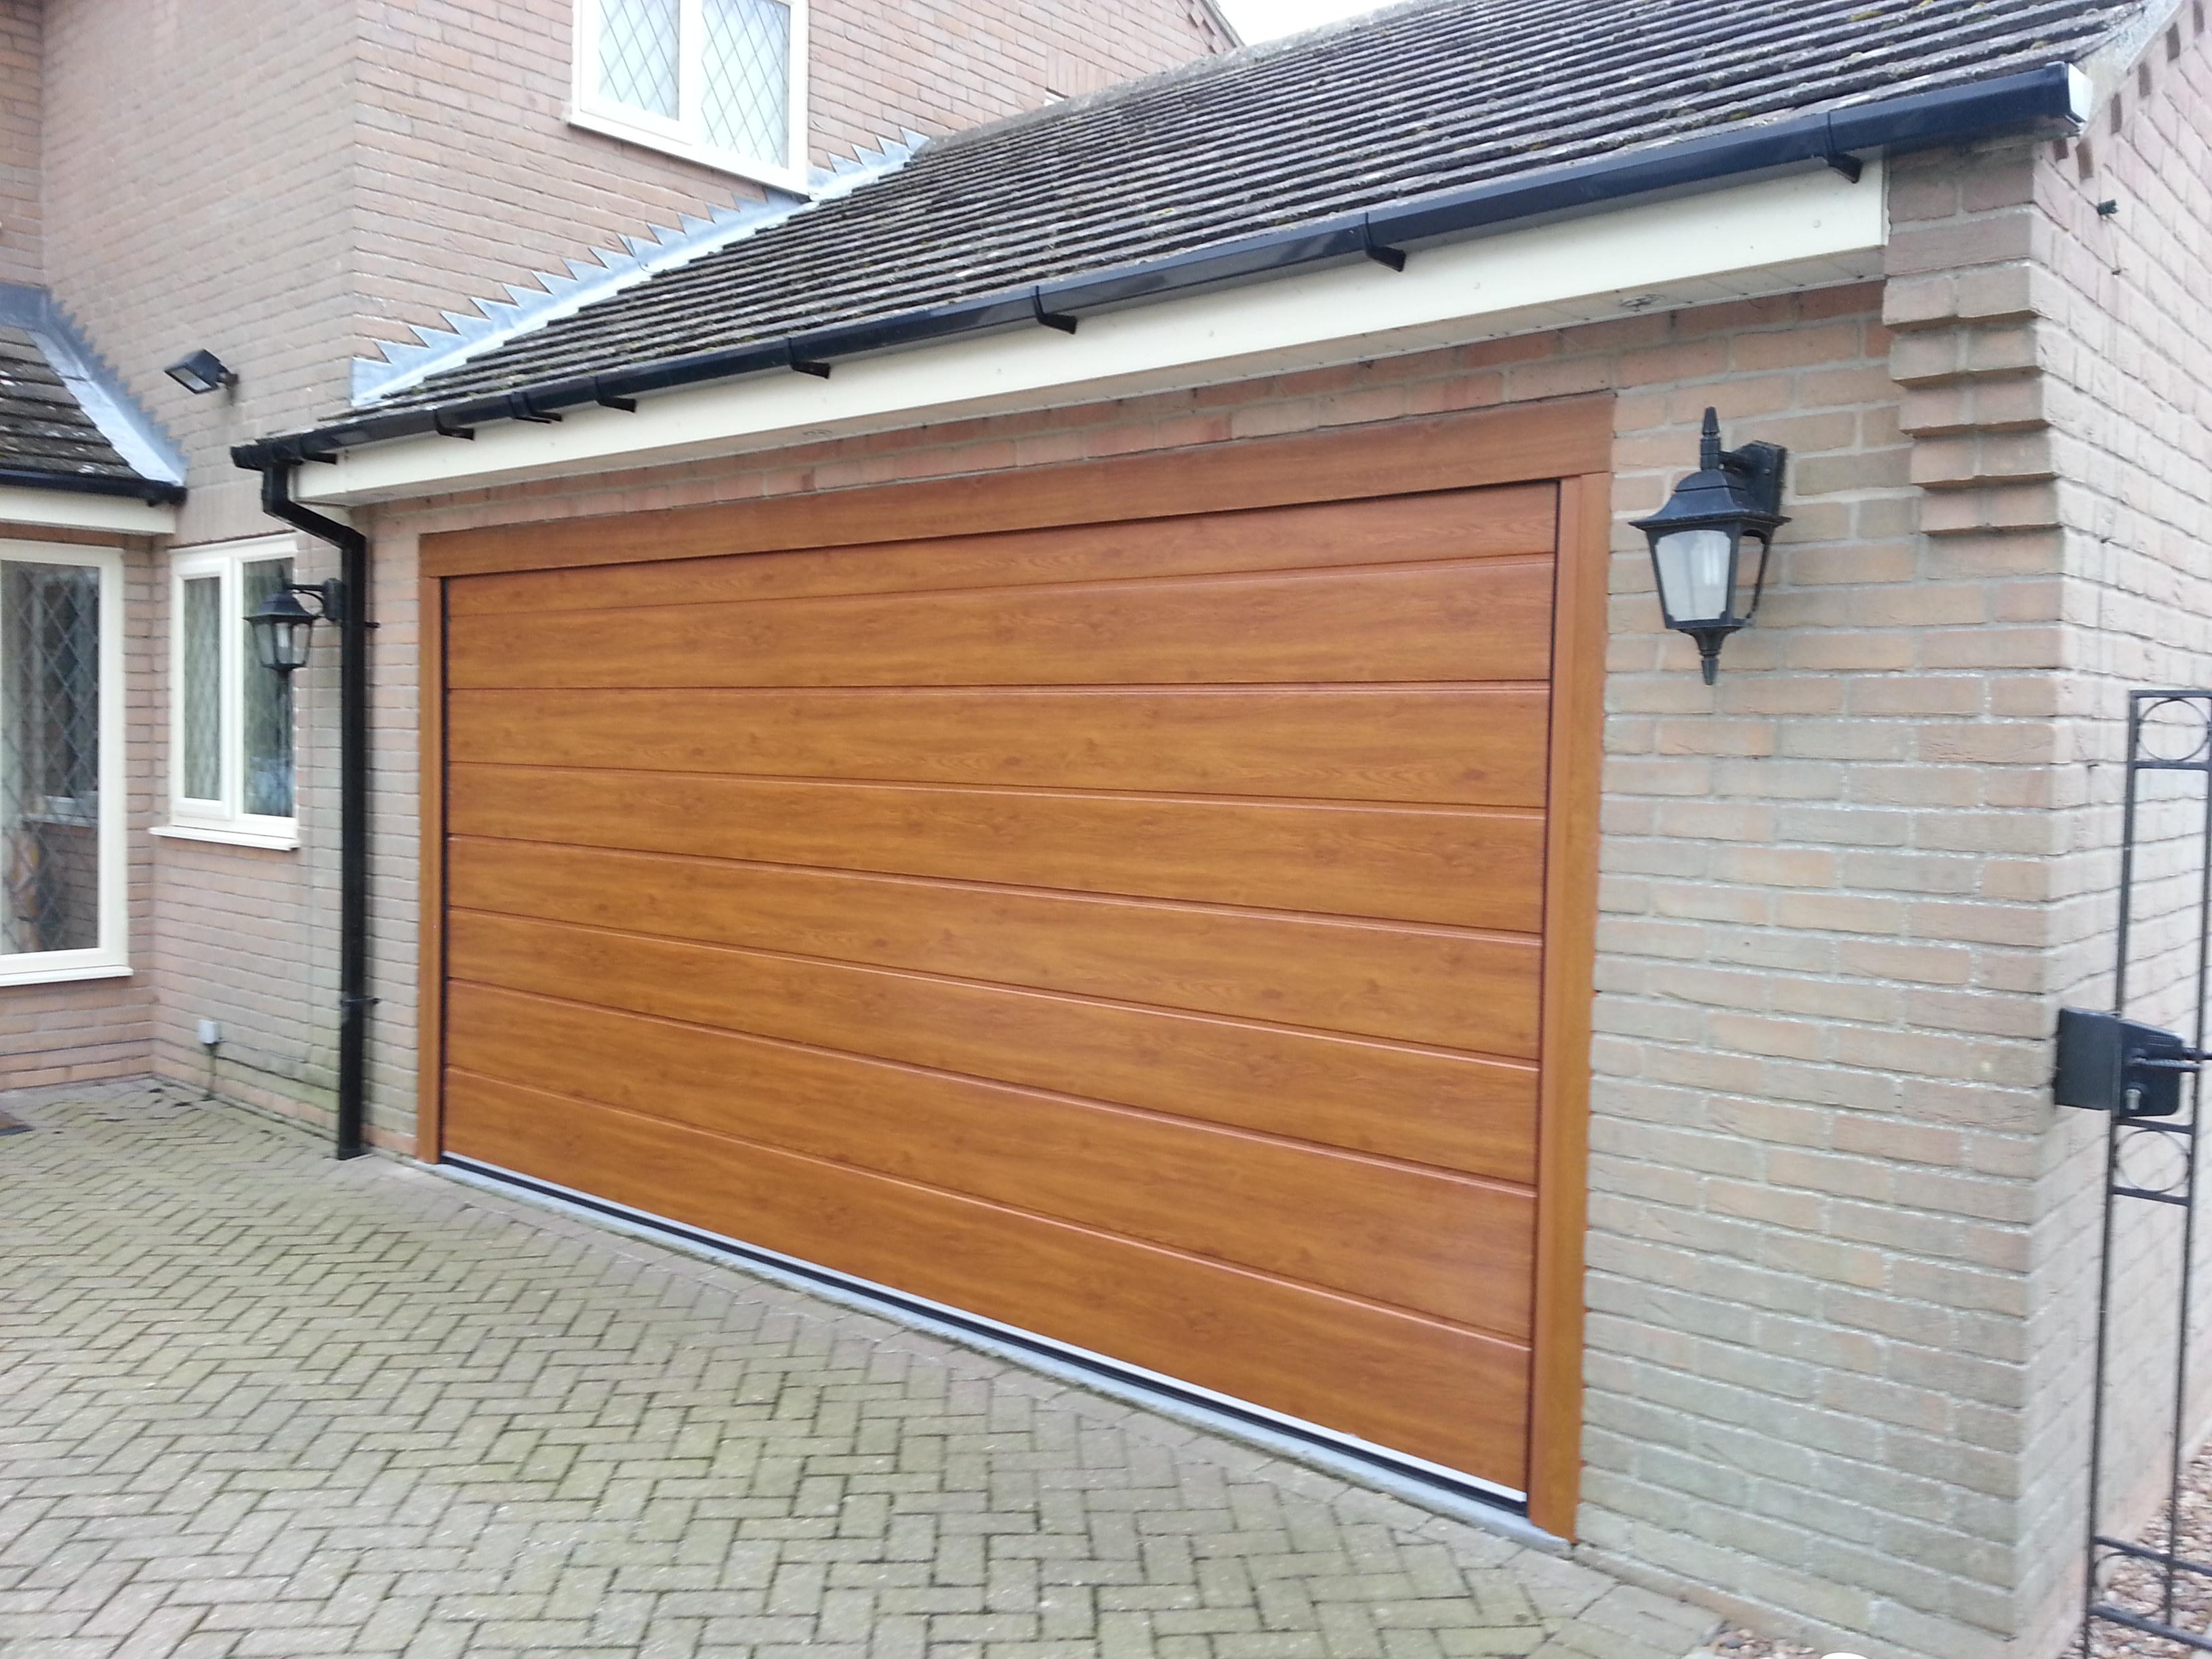 New Insulated Garage Door Grantham East Midlands